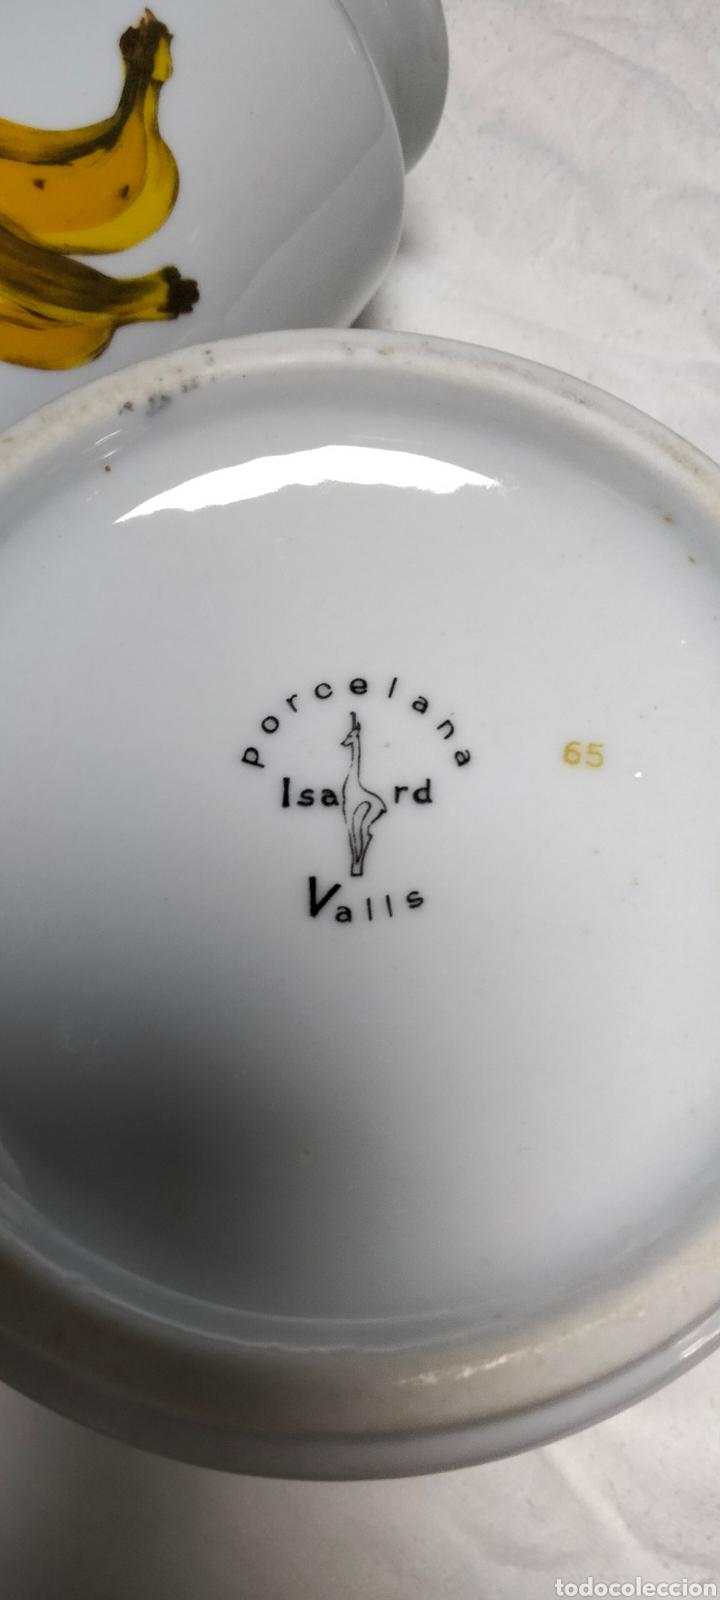 Antigüedades: Juego botes de cerámica para cocina - Foto 5 - 265328334